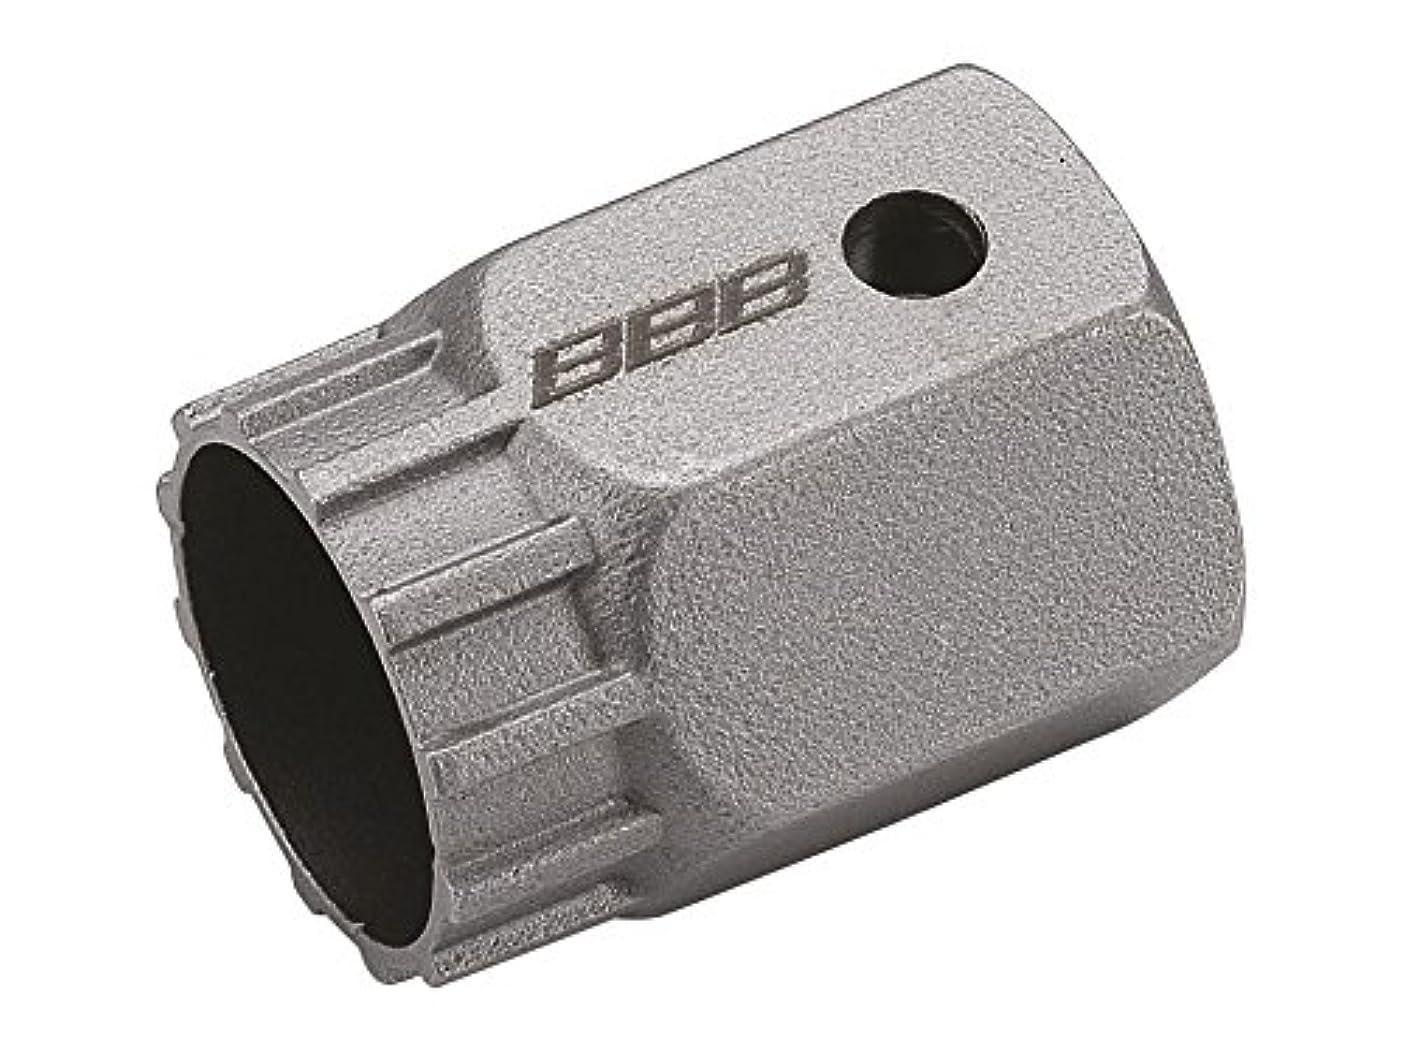 補足テクニカルでもBBB BTL-106S 1/2 ロックリング フリーホイールリムーバー(シマノ用) 102043